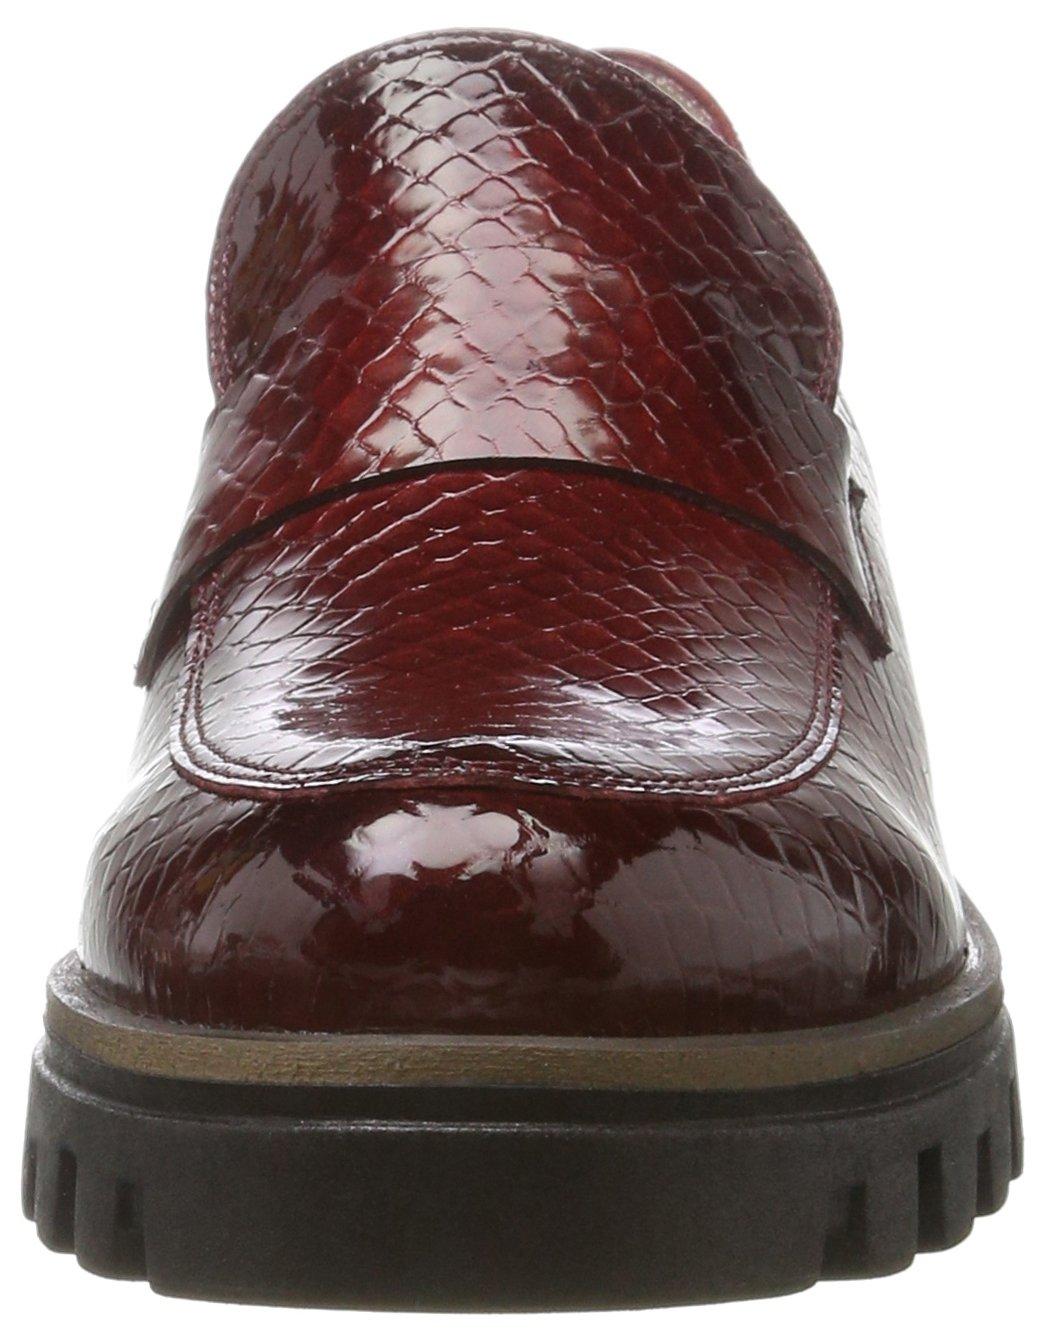 Vitti Rot Love Damen 865-529 Slipper Rot Vitti (Brunello) af953a